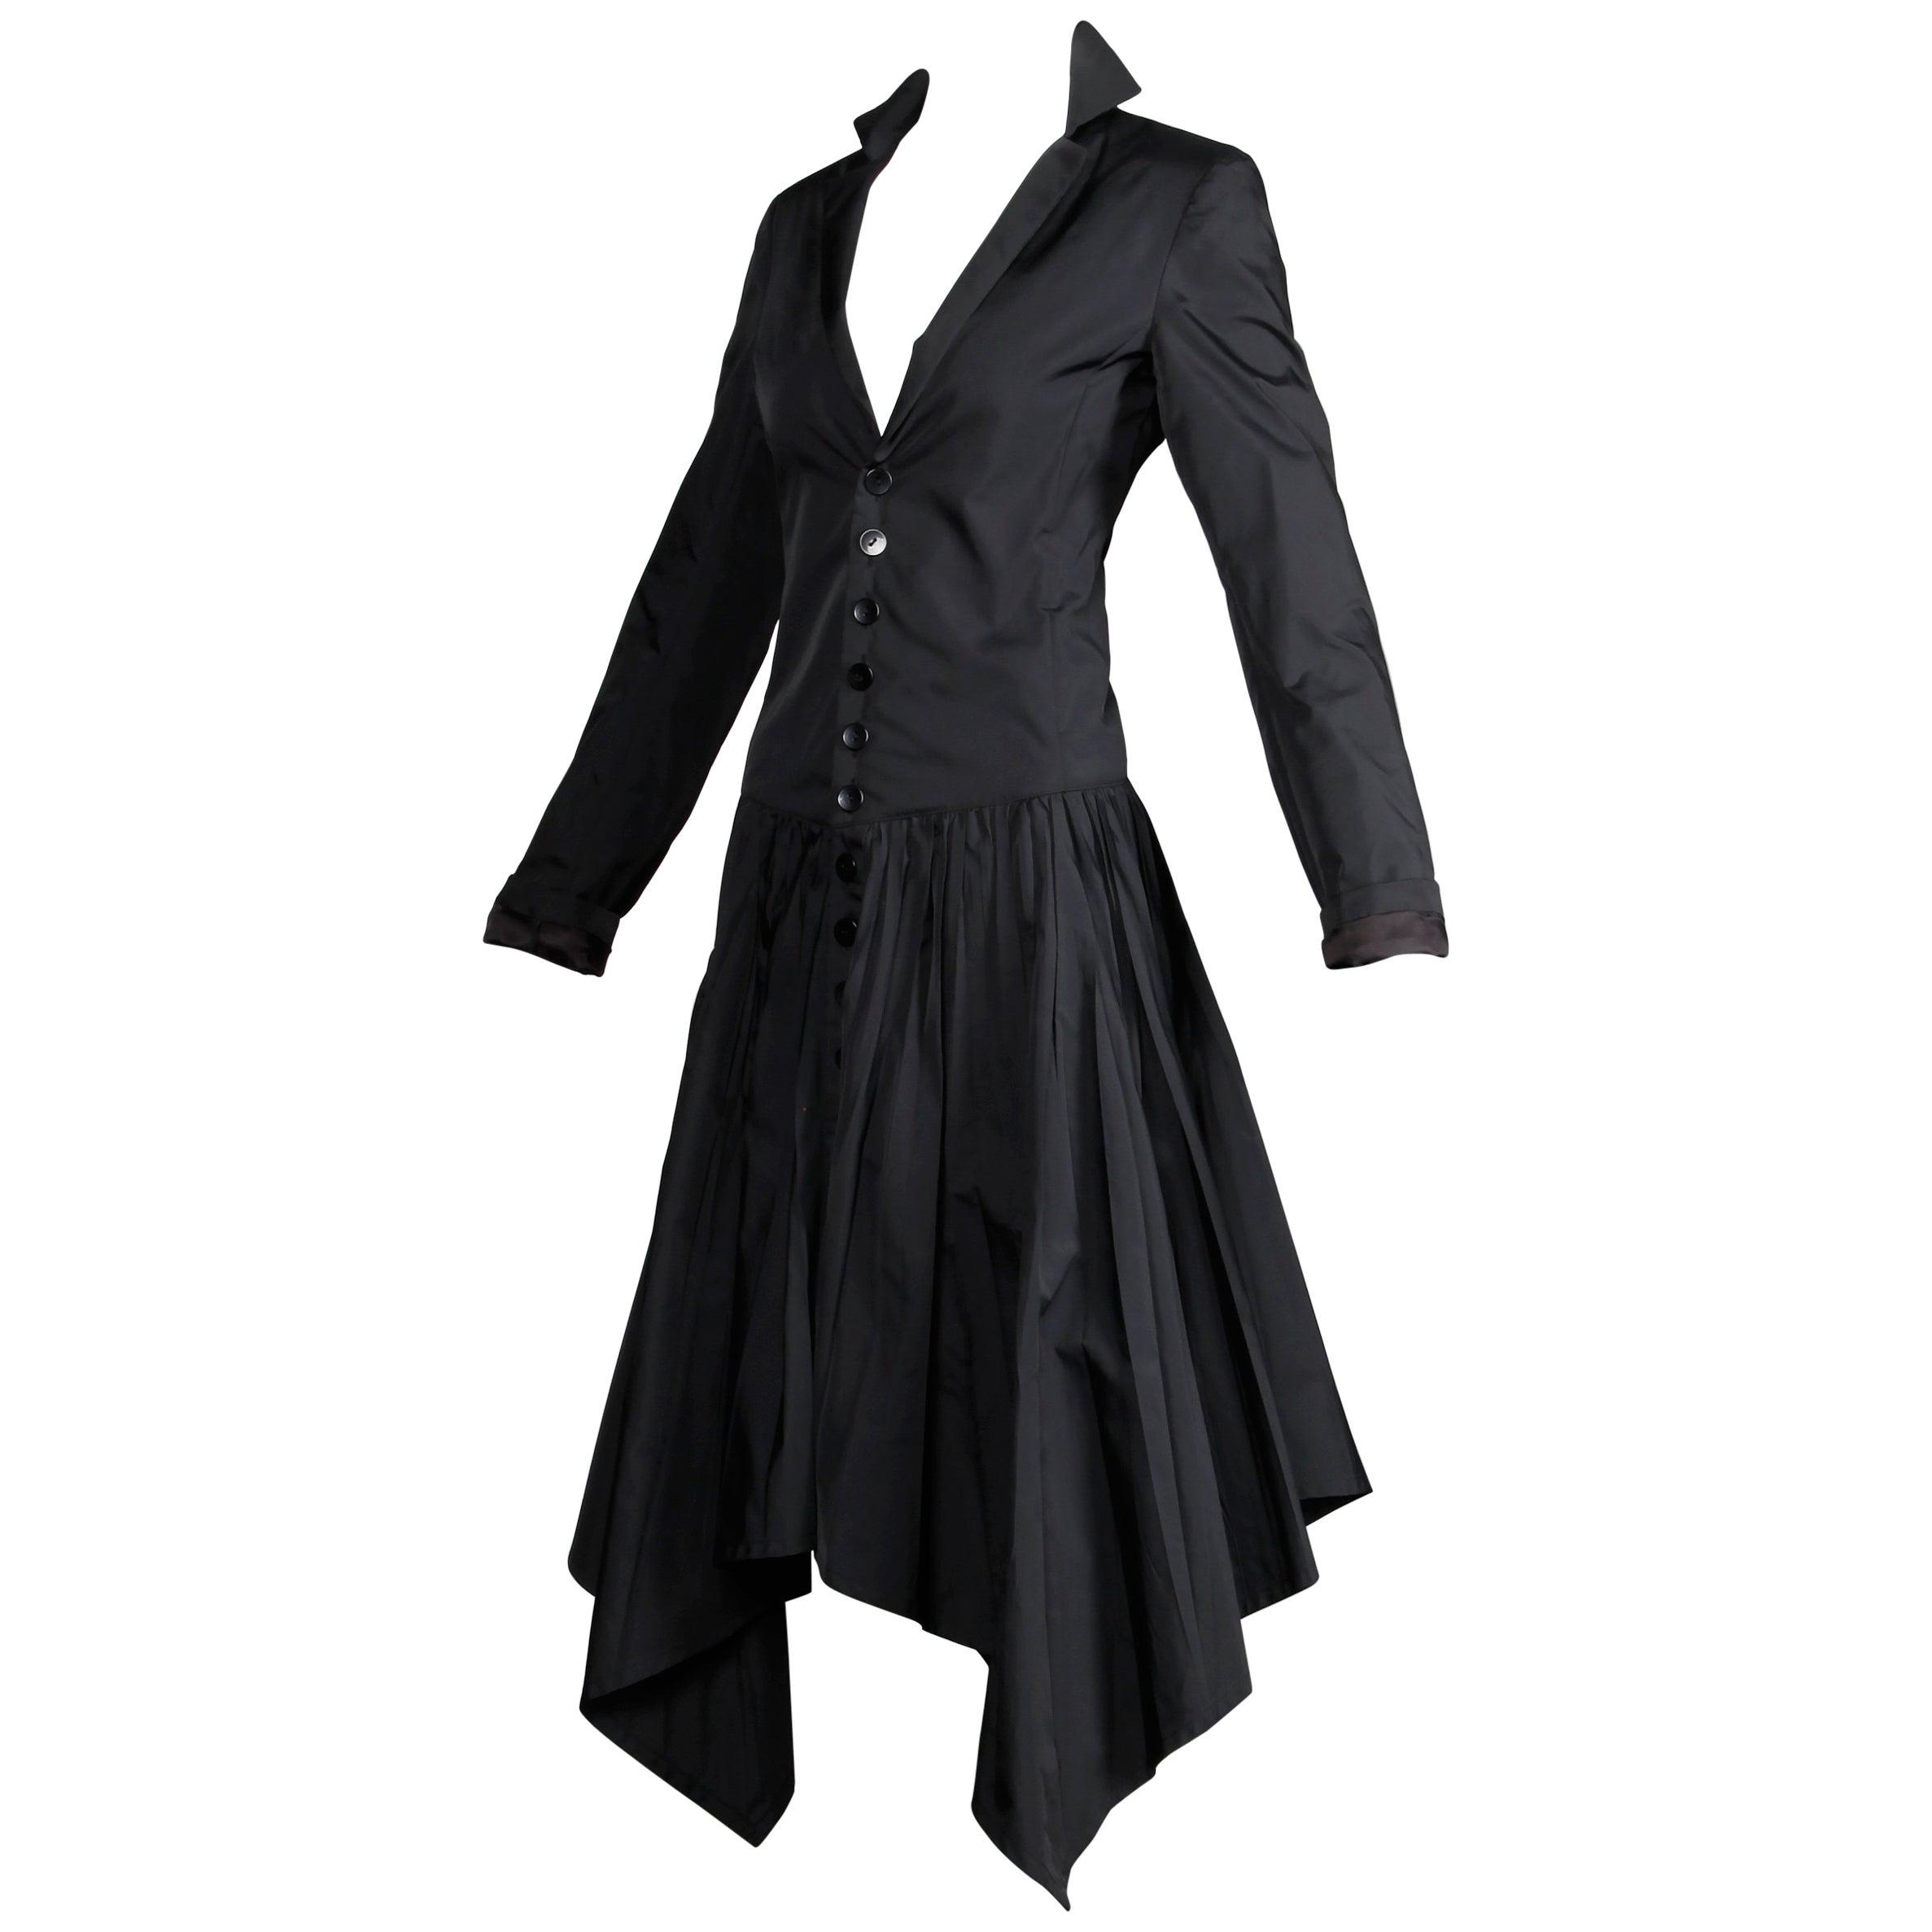 Jean Paul Gaultier Vintage Black Avant Garde Steampunk Coat or Dress, 1990s